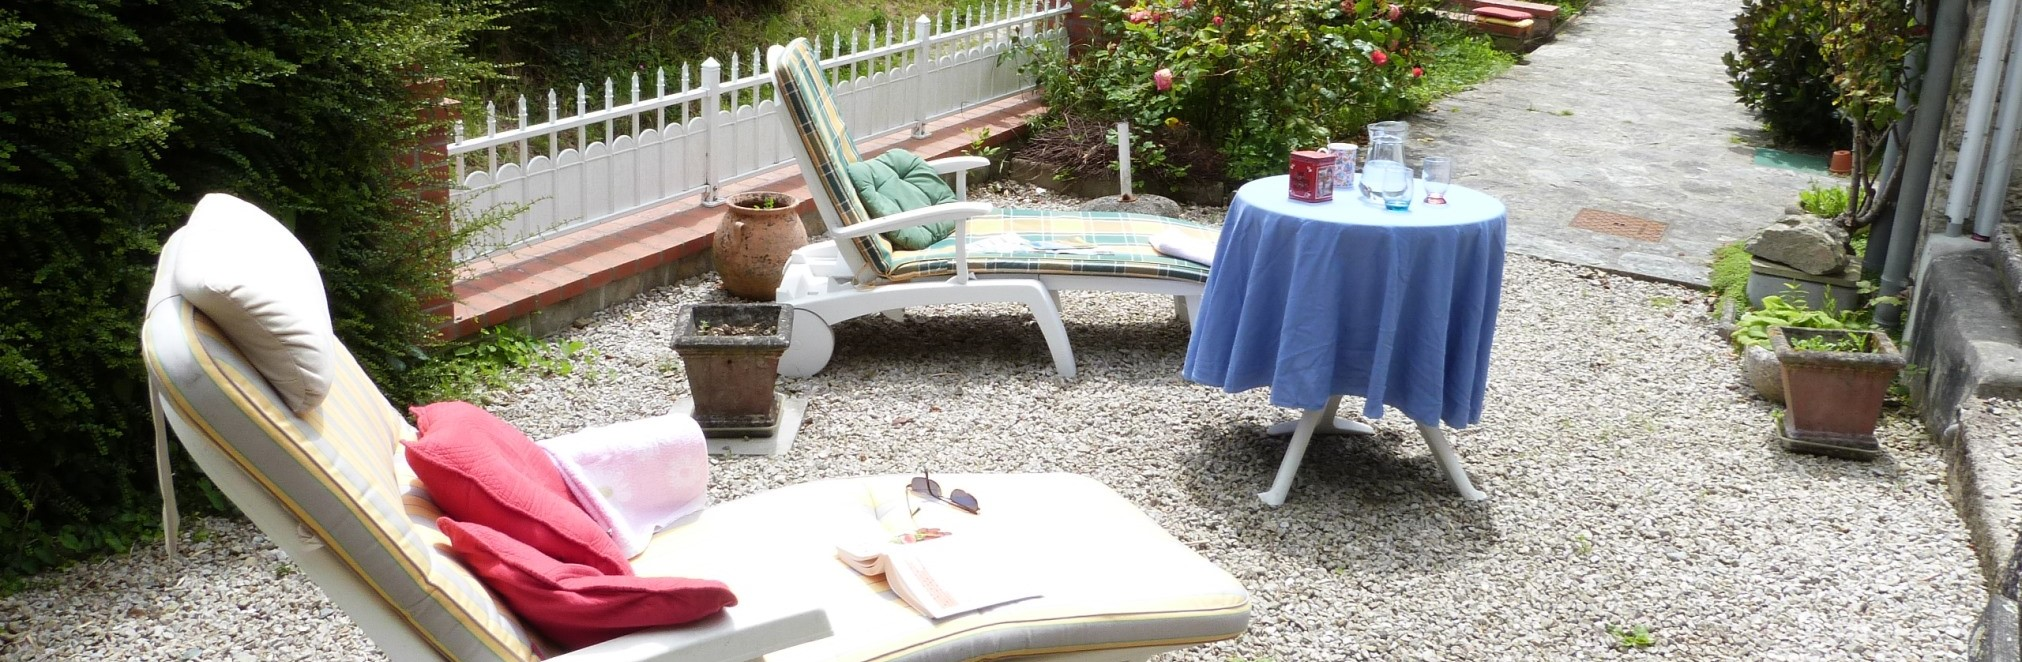 La terrasse du gite l'avenue avec les bains de soleil et la table du gouter